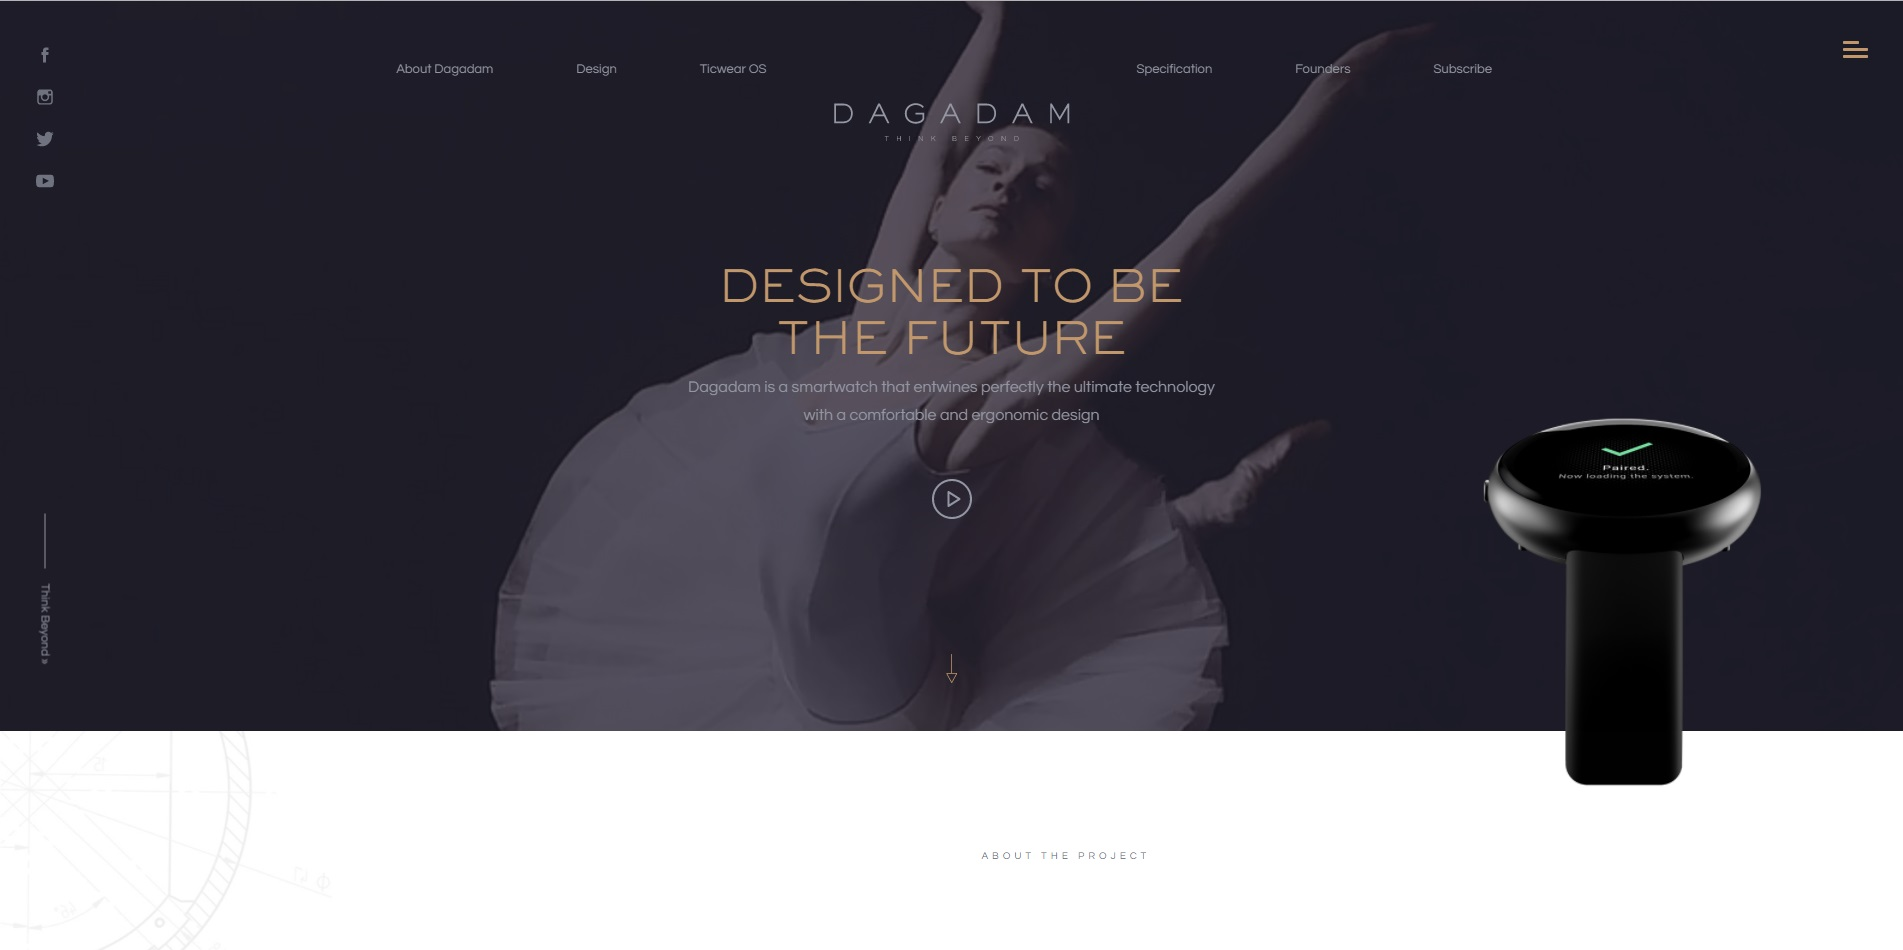 trendy web design 2018 - filmy ianimacje